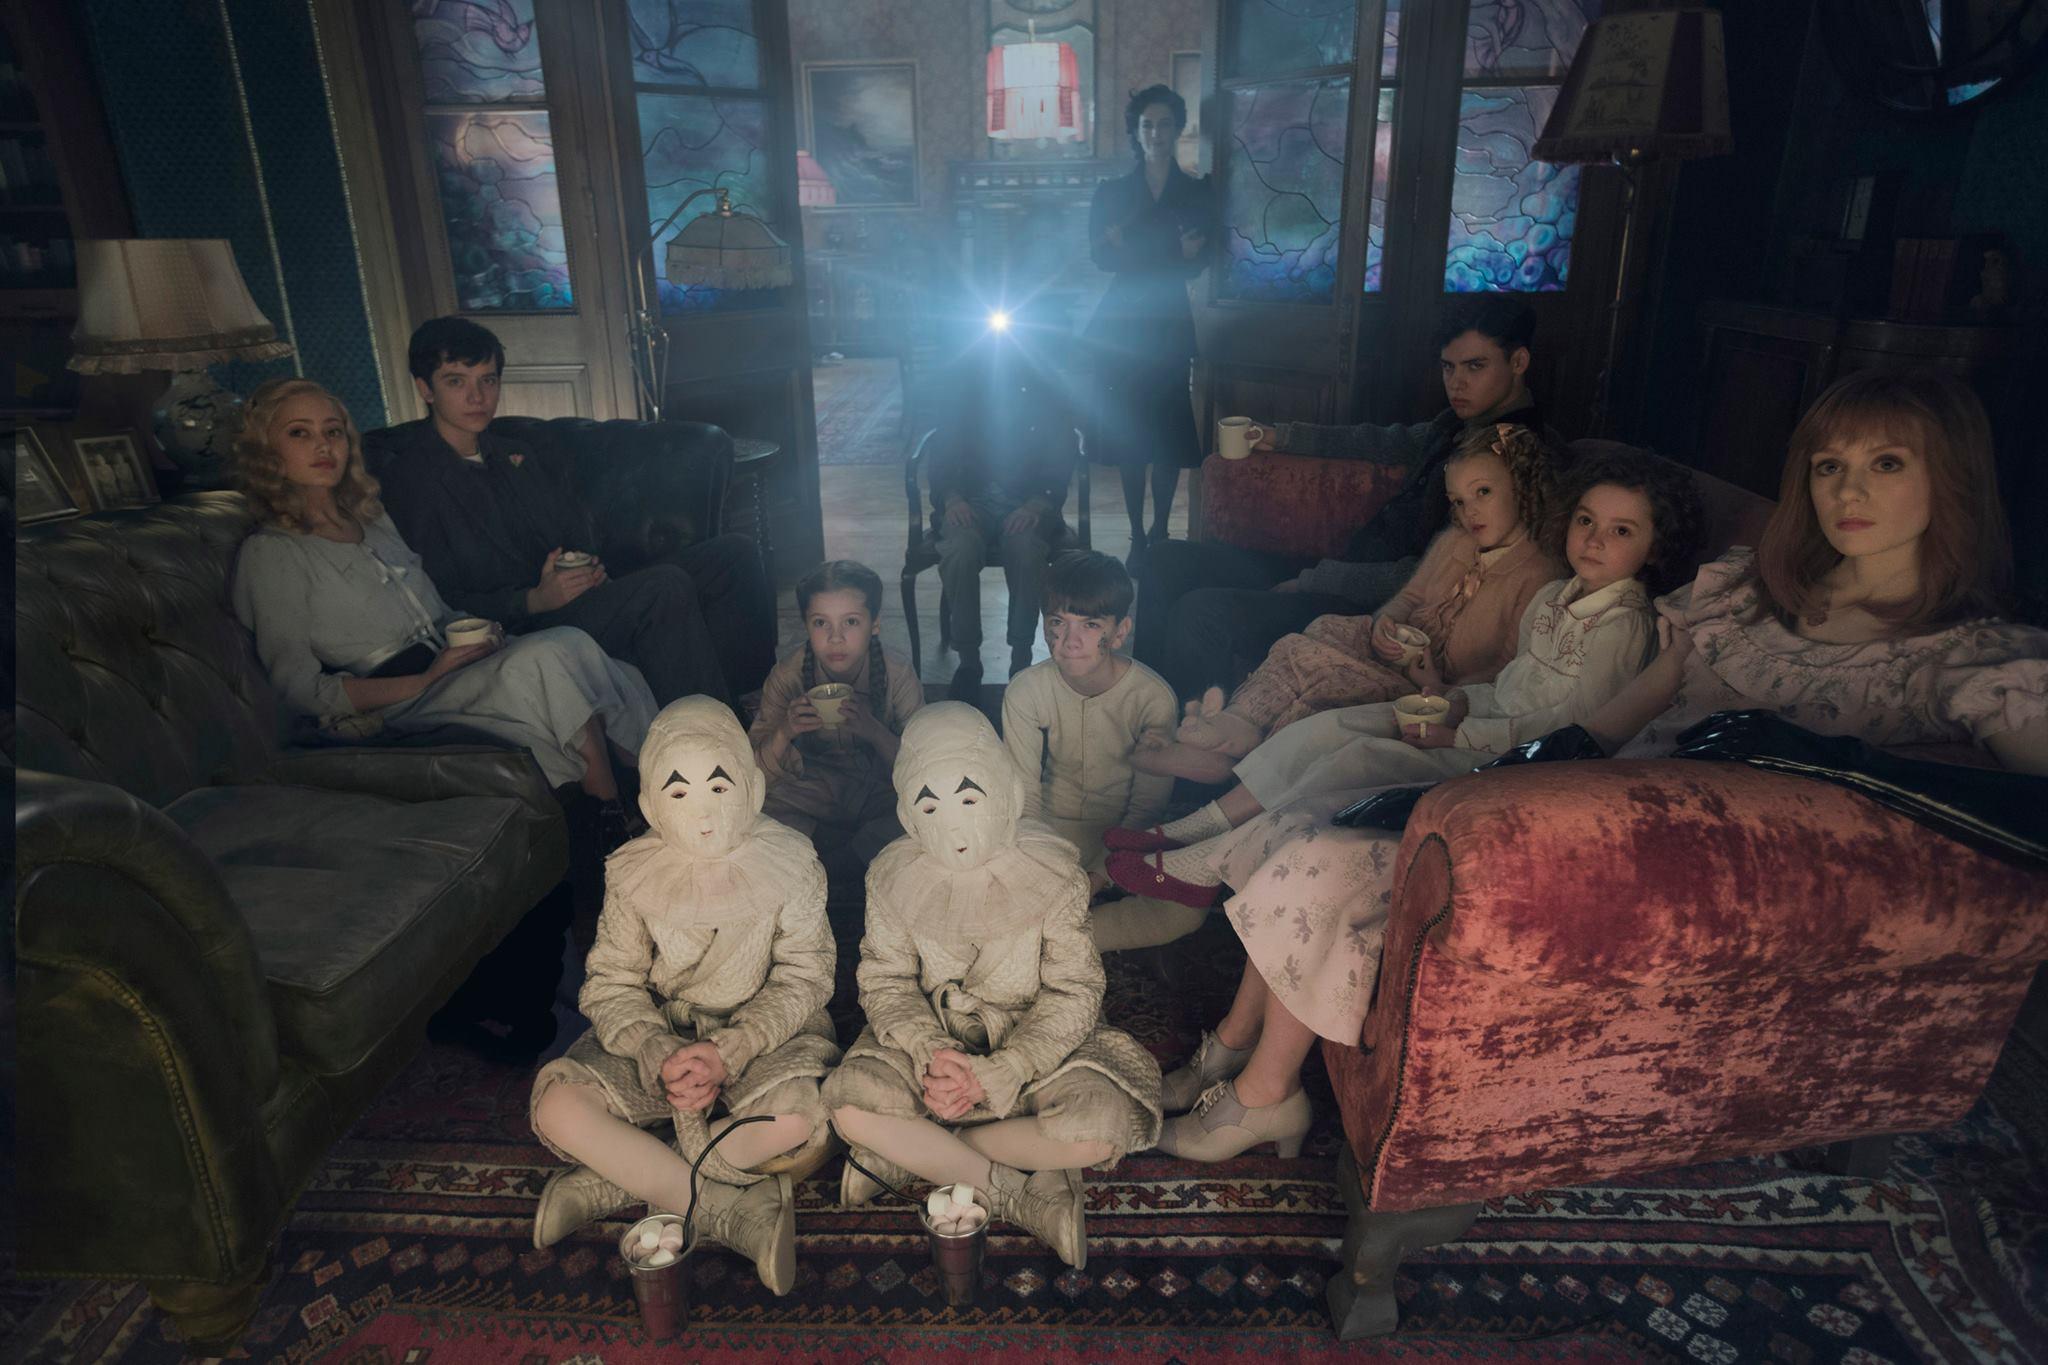 Miss Peregrine's Home for Peculiar Children: Eva Green, Asa Butterfield e il resto del cast riunito a una proiezione casalinga